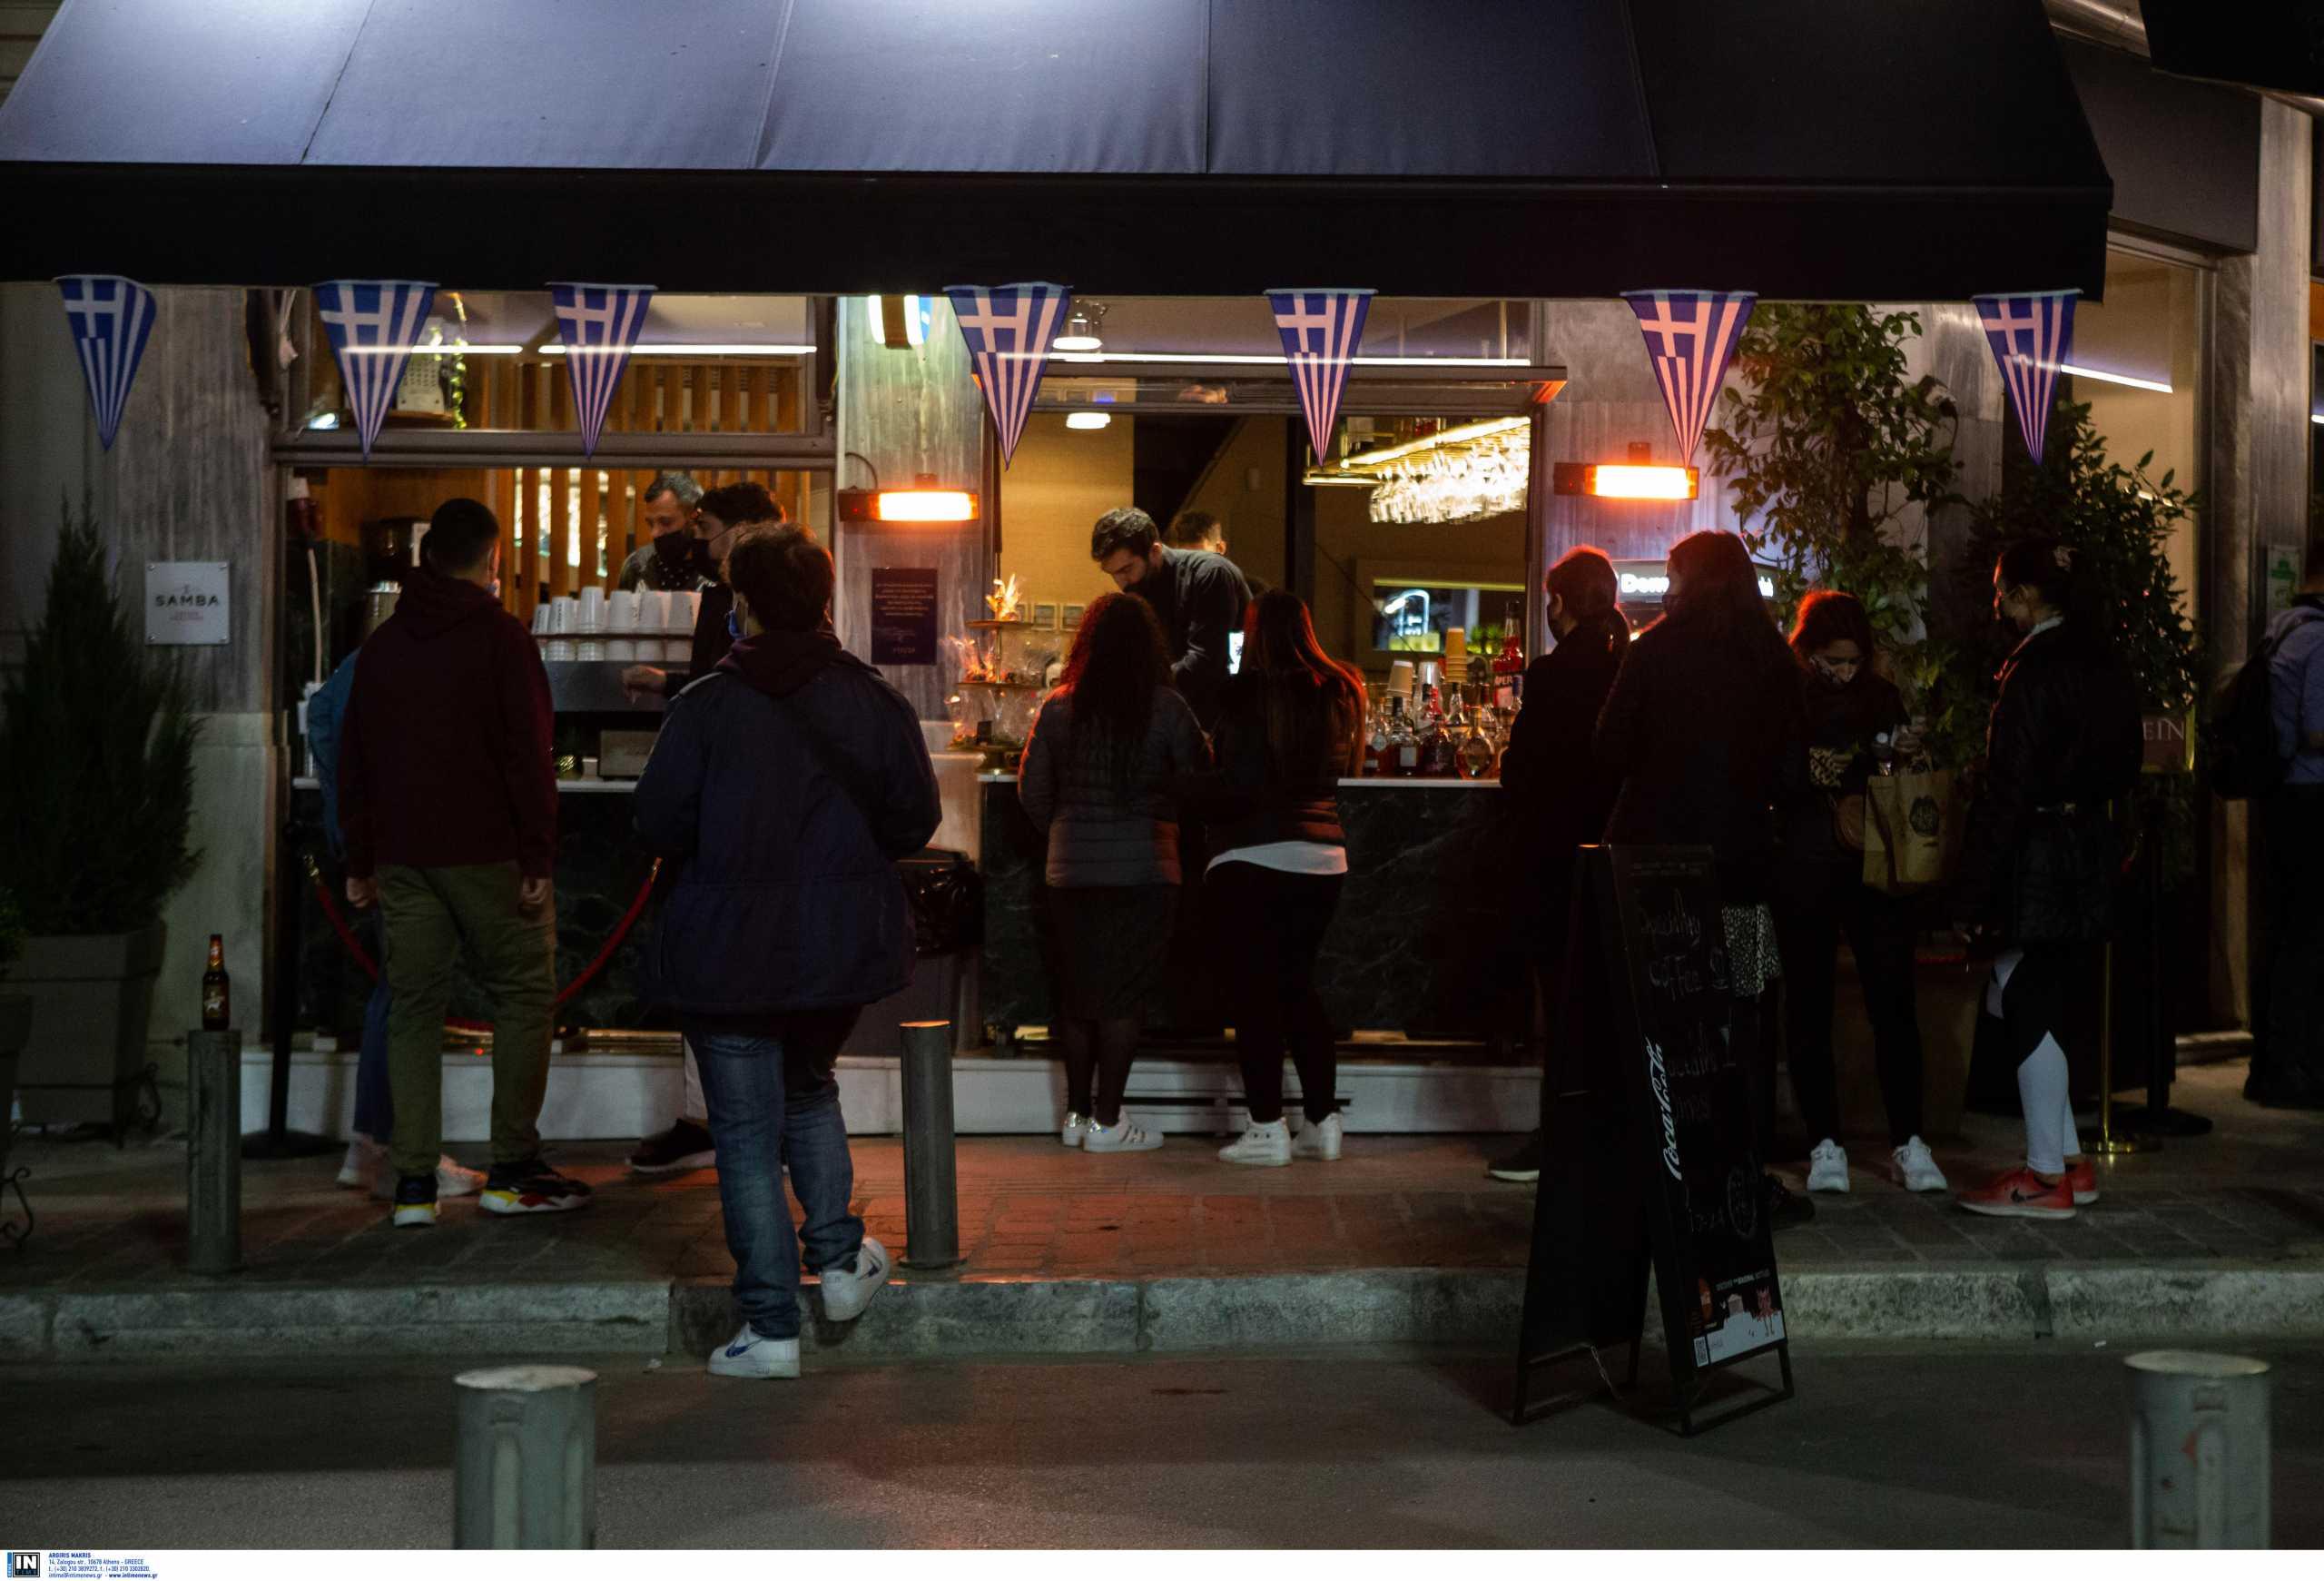 """Πότε λέμε """"αντίο"""" στα τελευταία μέτρα του lockdown – Ίσως μέσα Ιουνίου ανοίγουν τα μπαρ"""